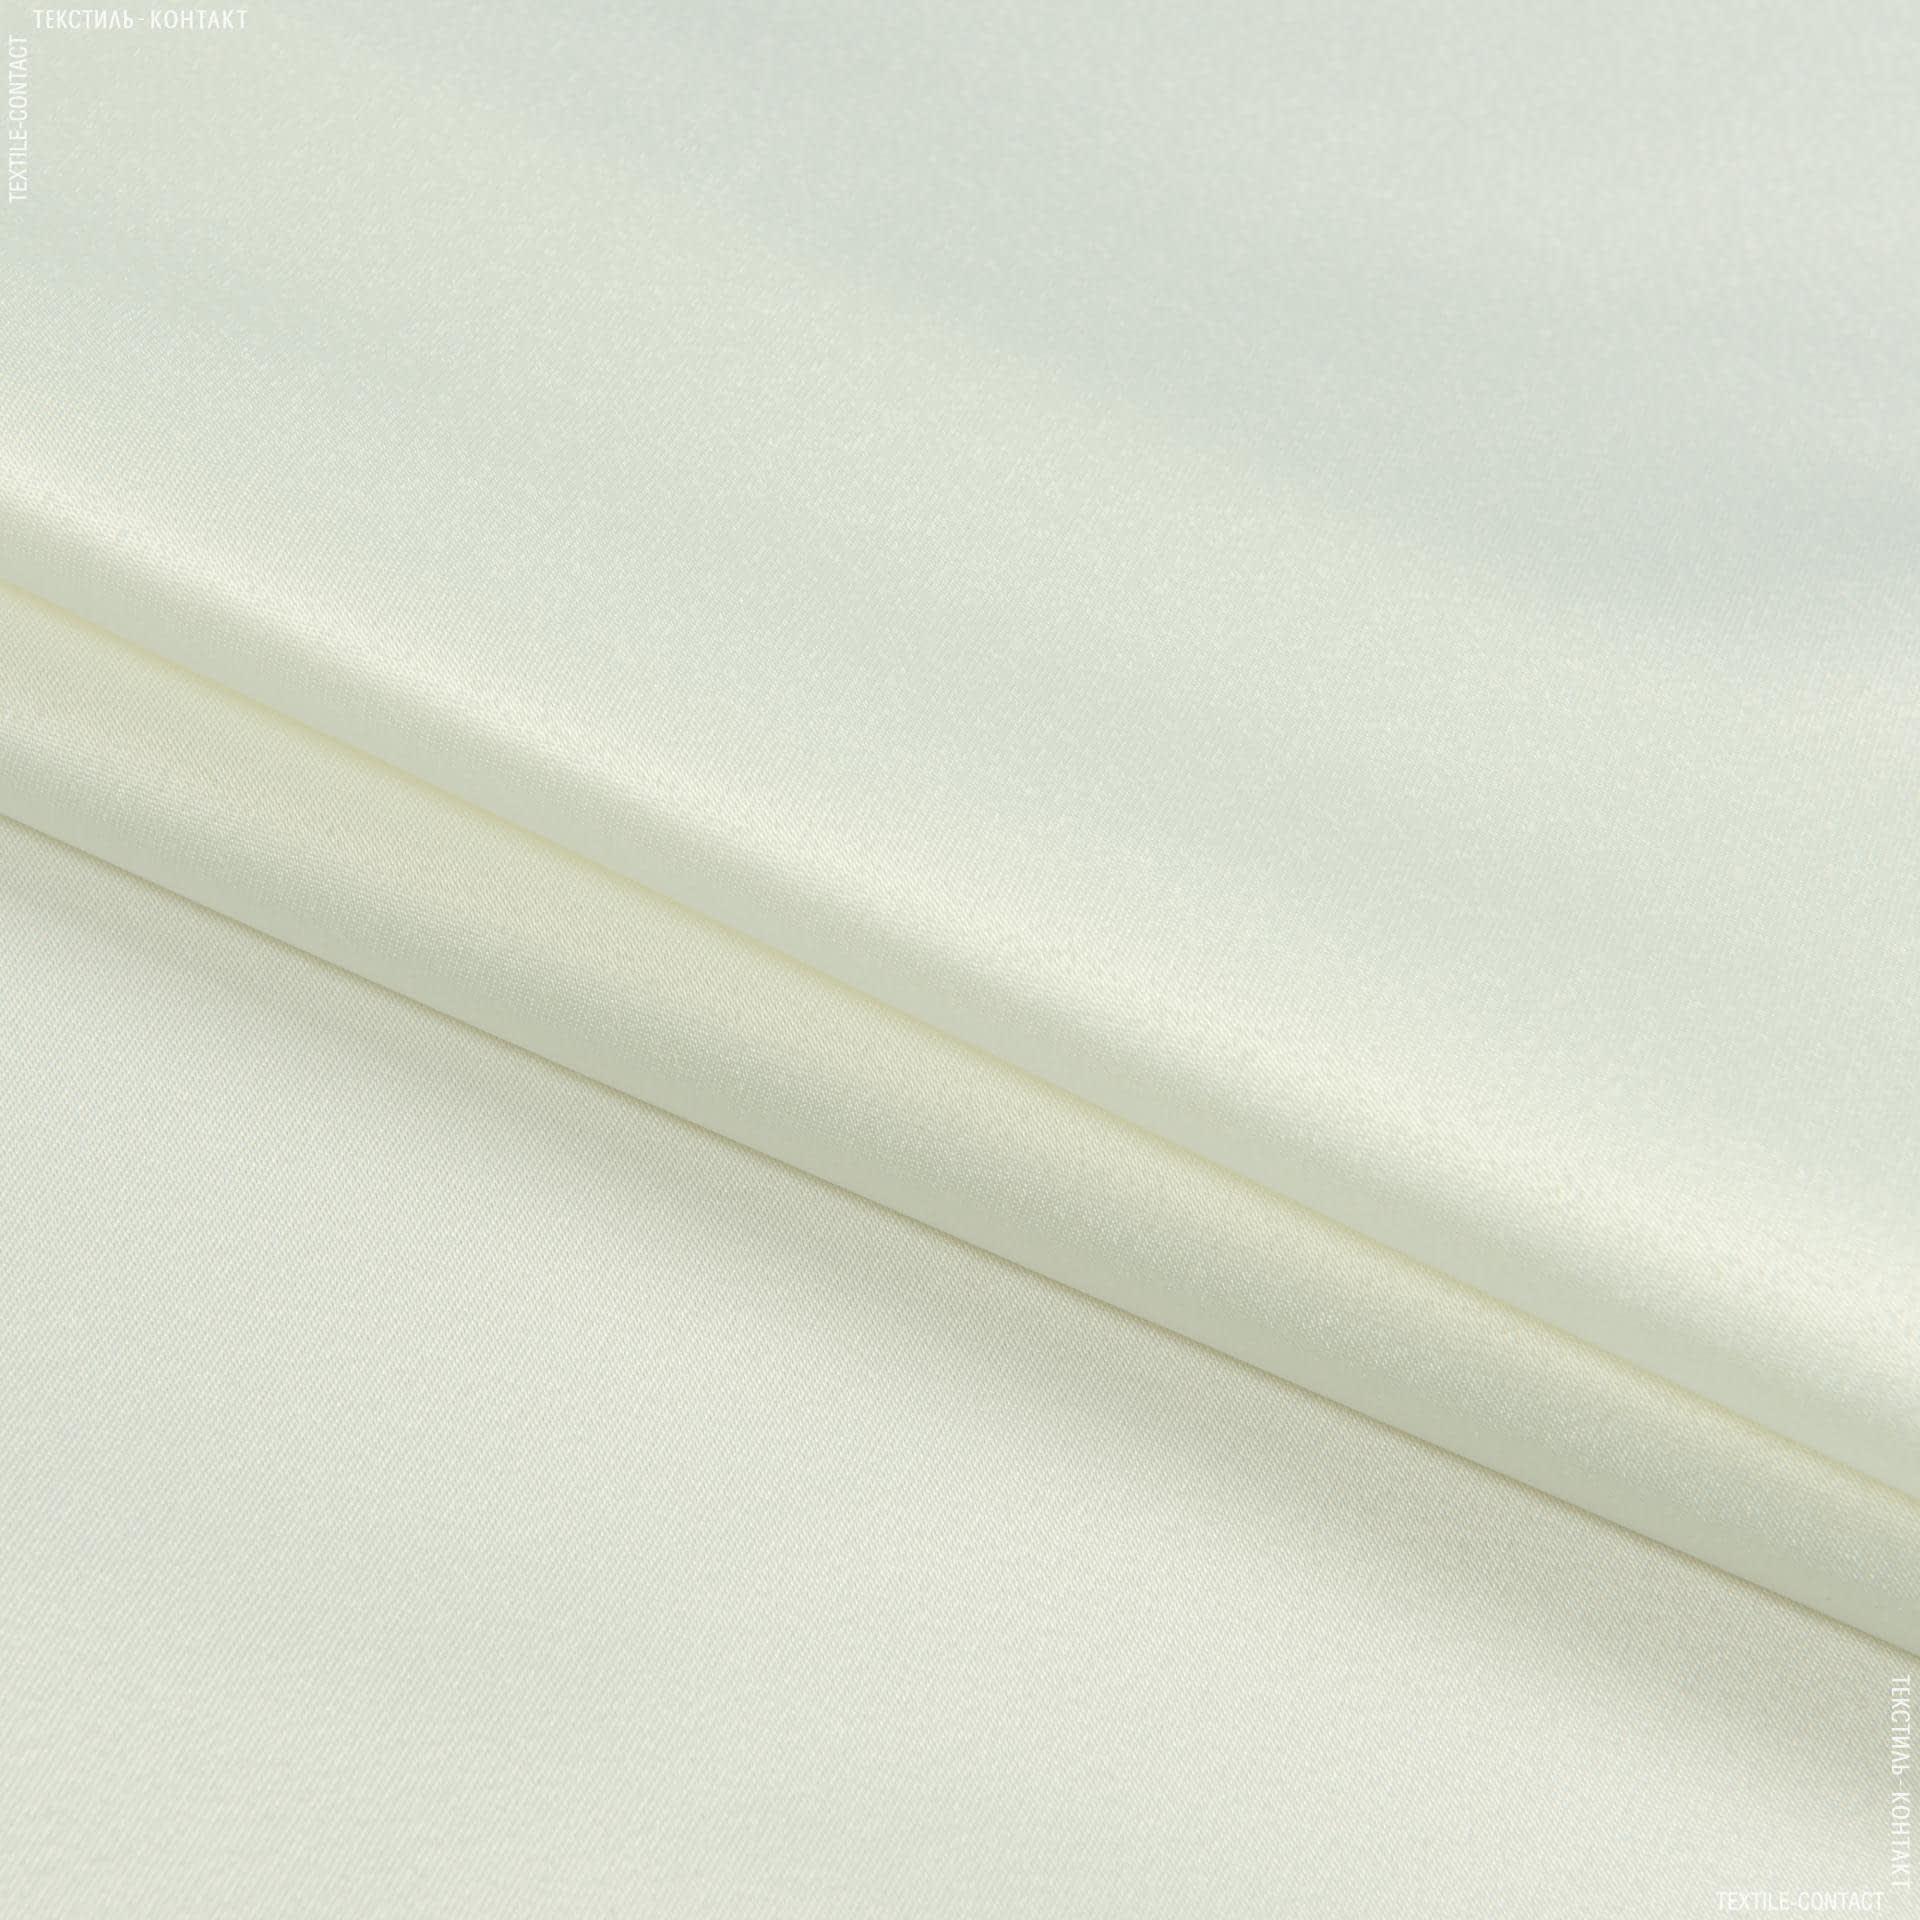 Тканини портьєрні тканини - Декоративний атлас Дека / DECA молочний